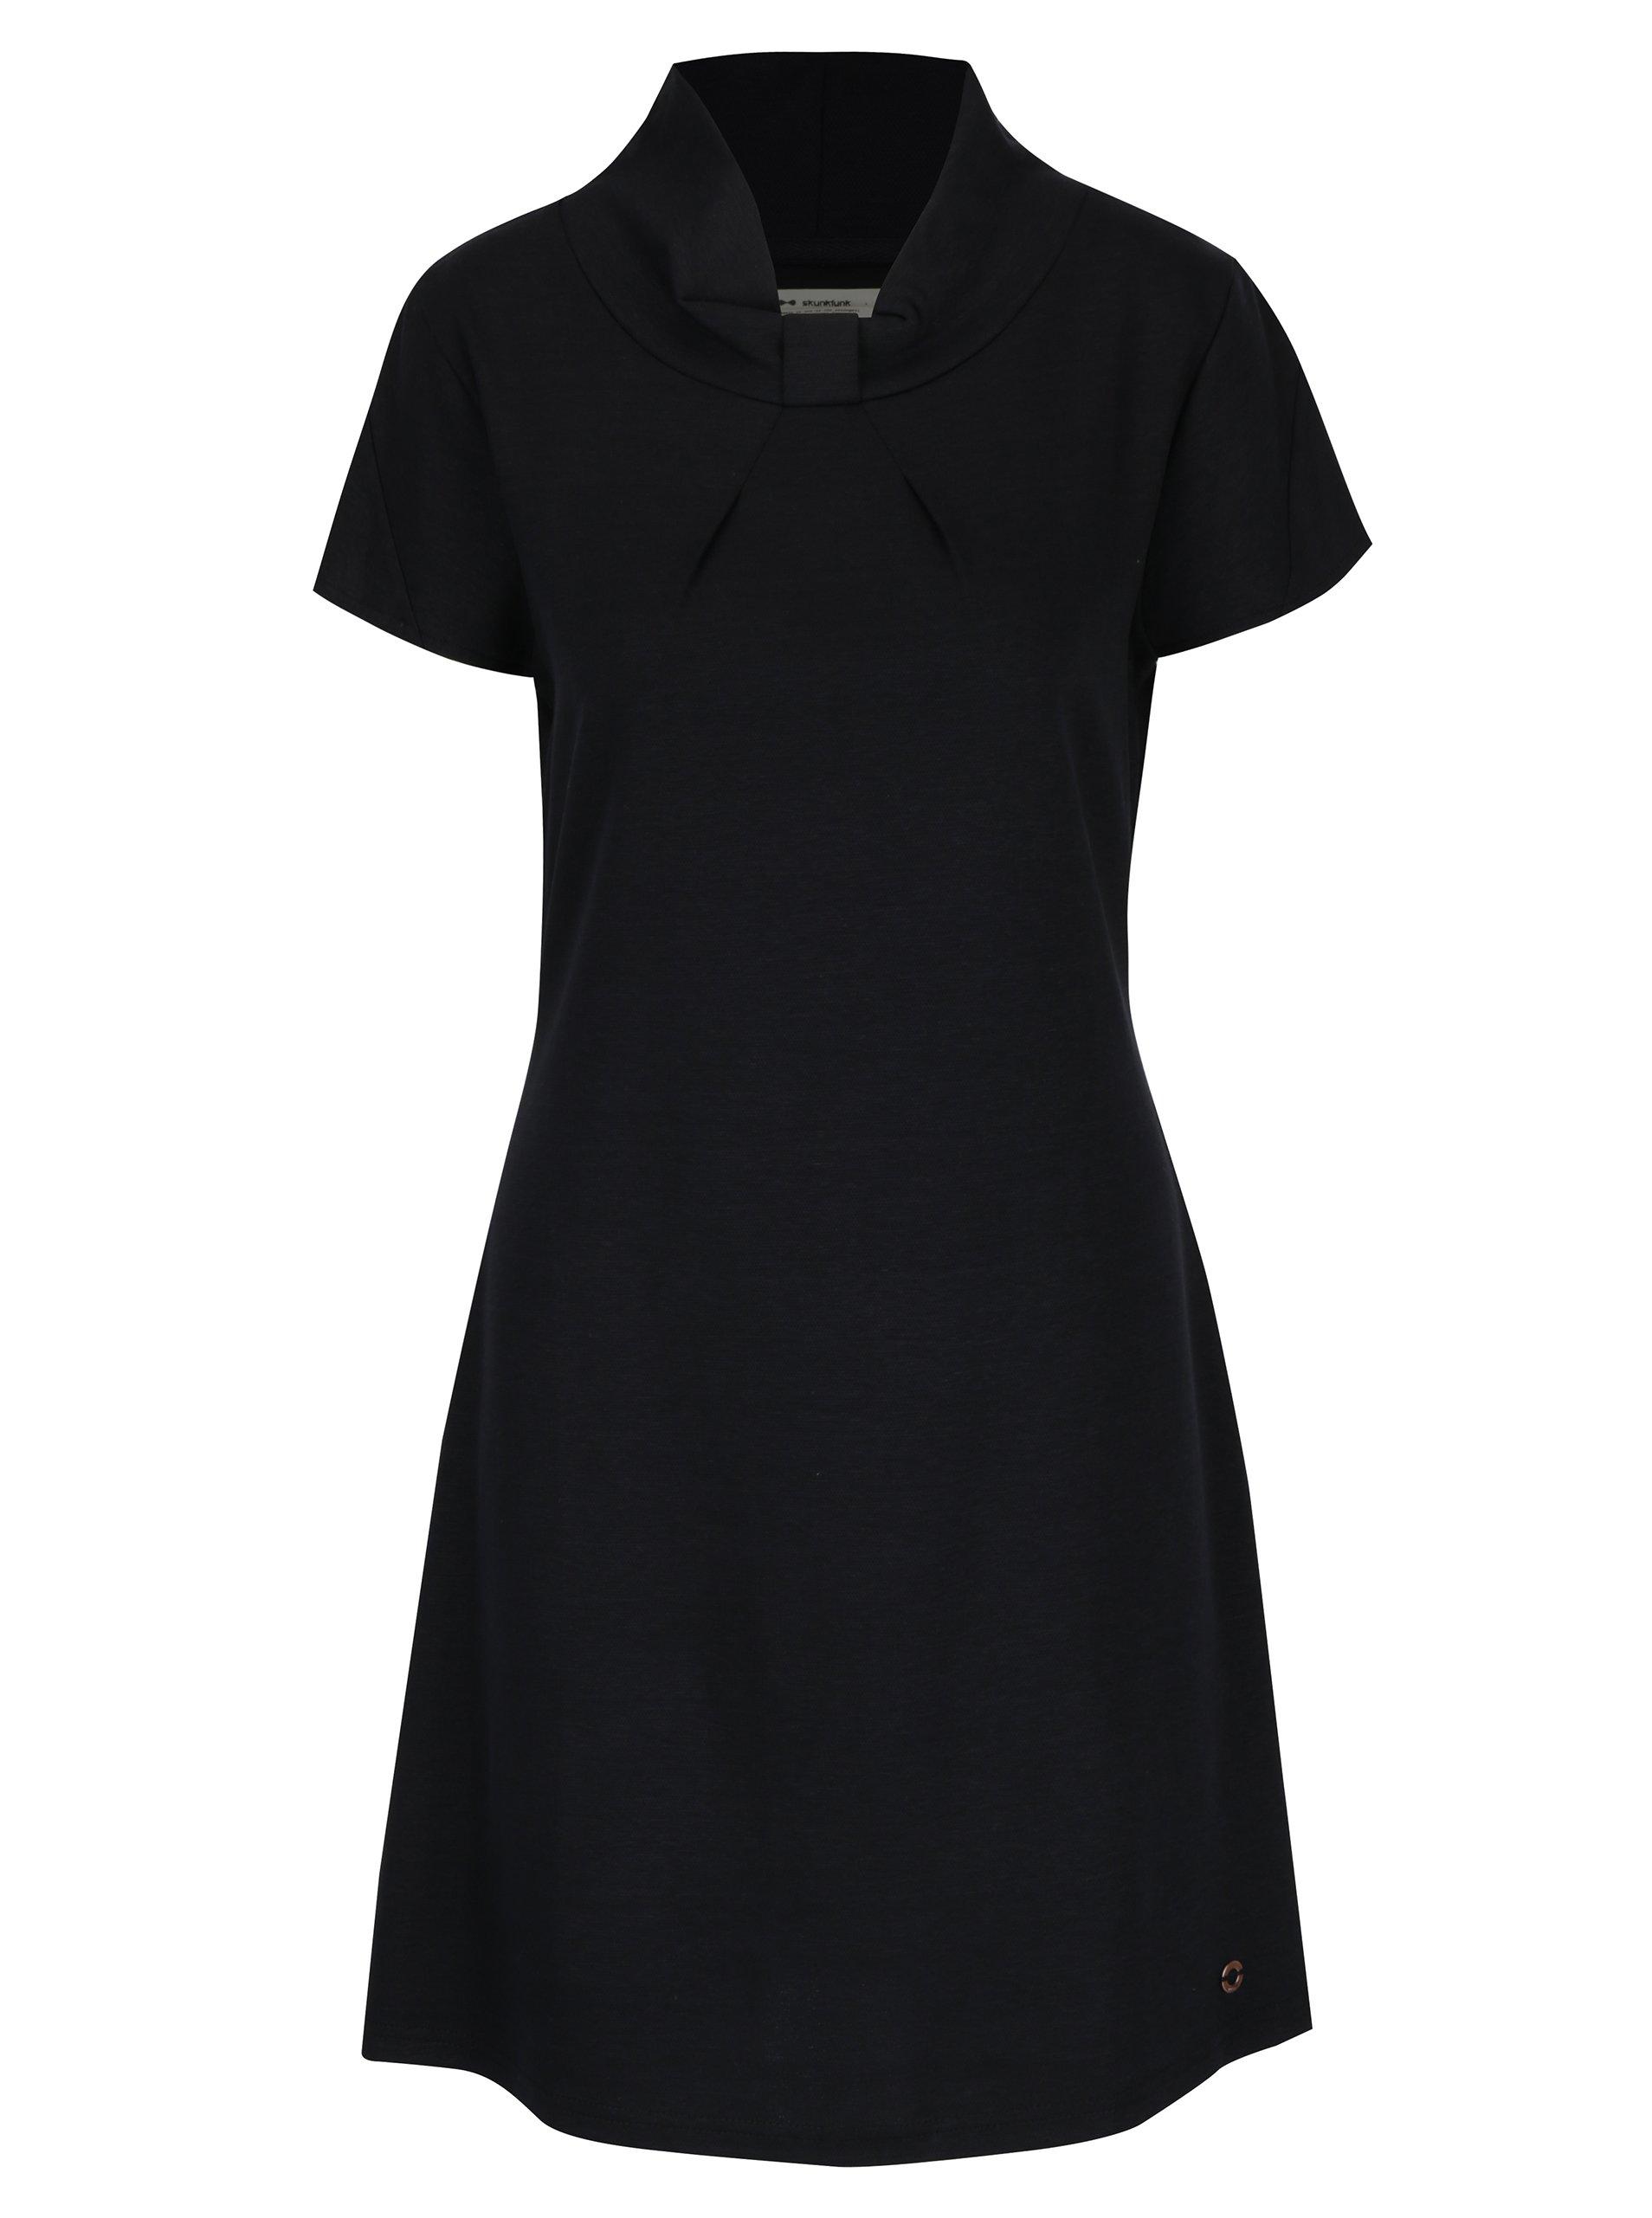 Černé volné šaty s krátkým rukávem Skunkfunk